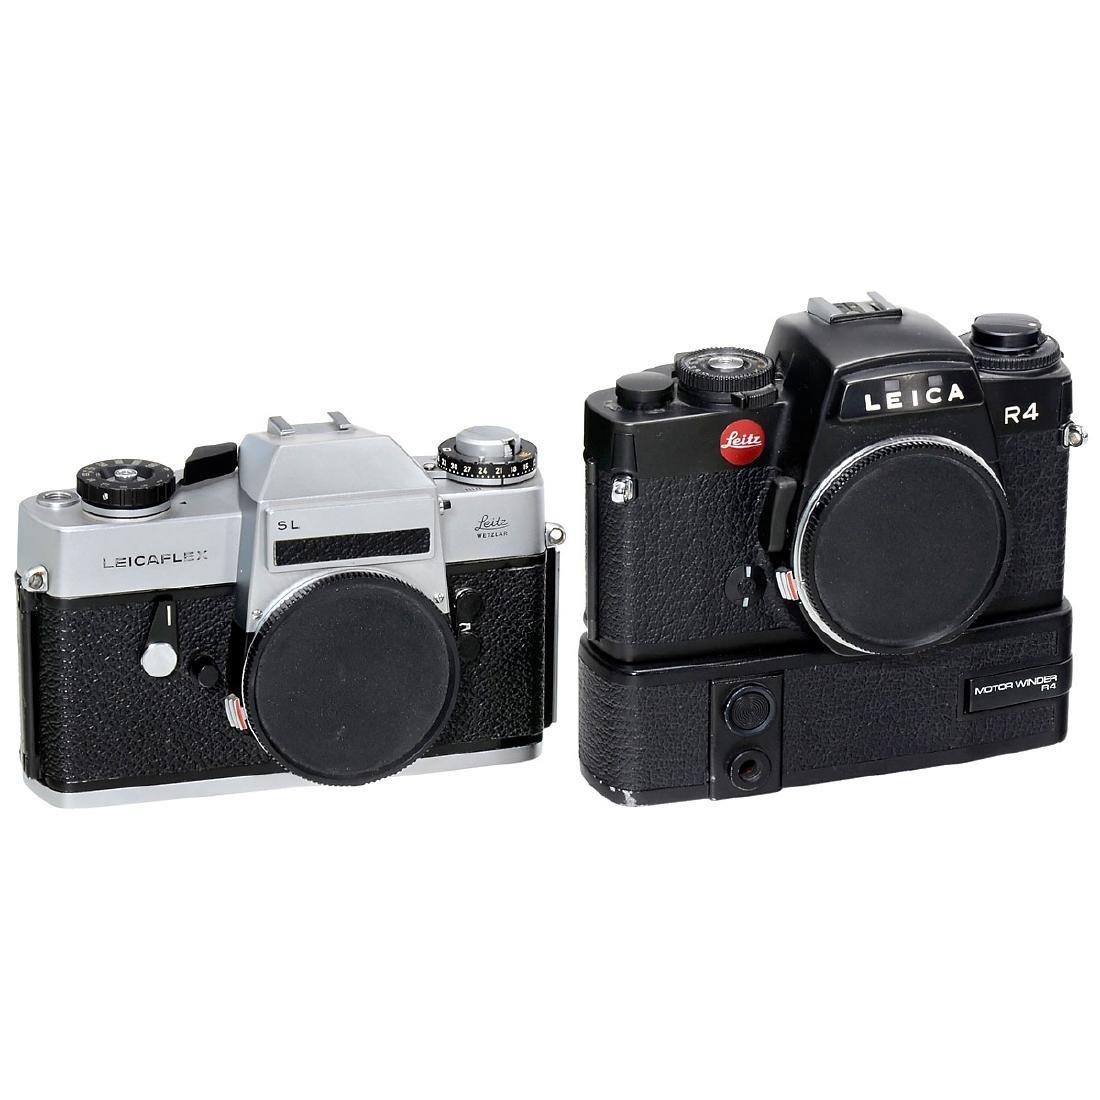 Leicaflex SL, Leica R4, R4S and R5 - 2